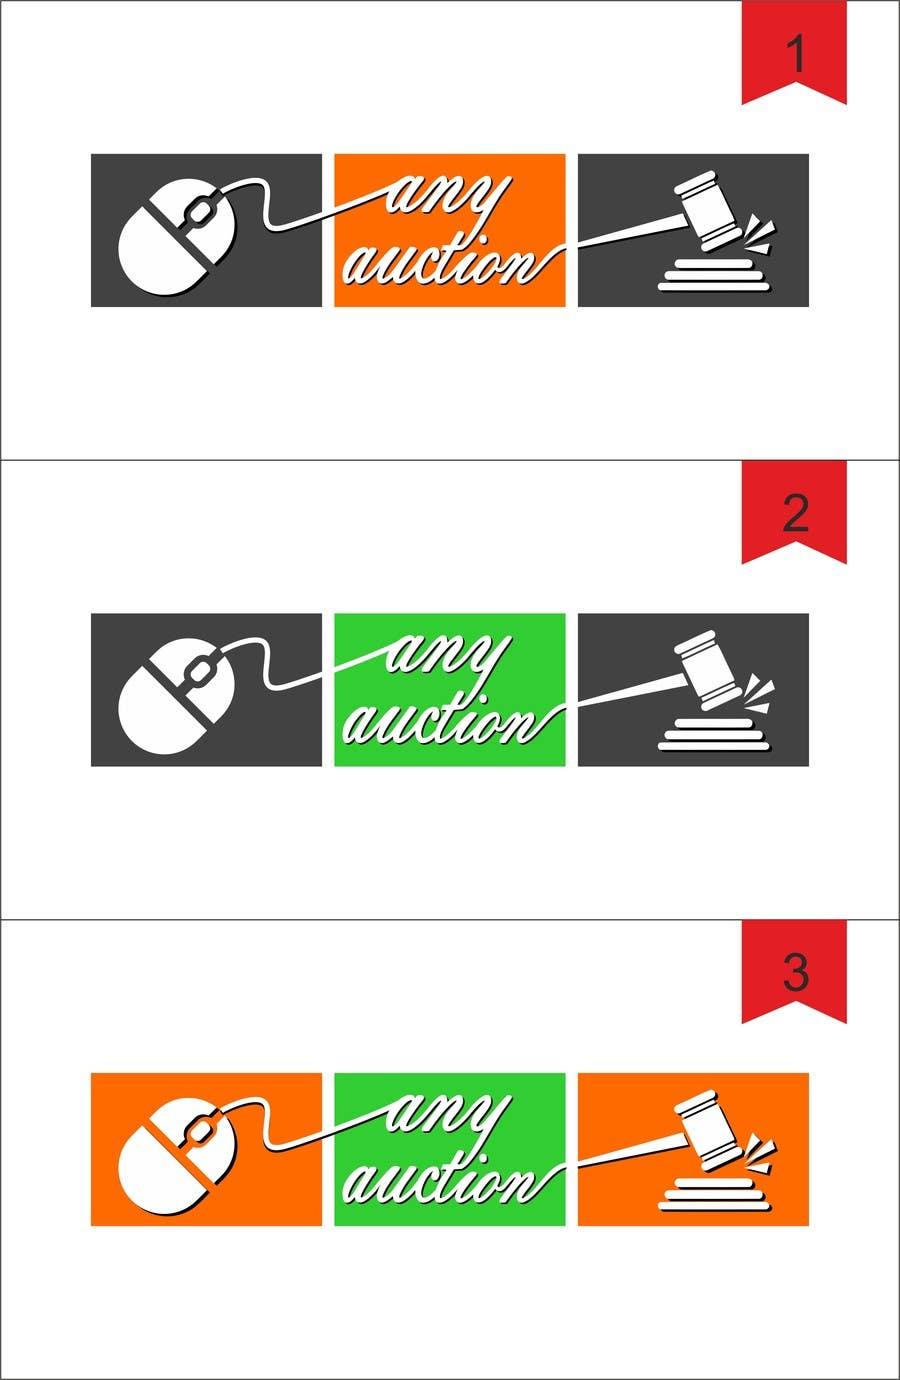 Konkurrenceindlæg #93 for Design a logo for an online auction website